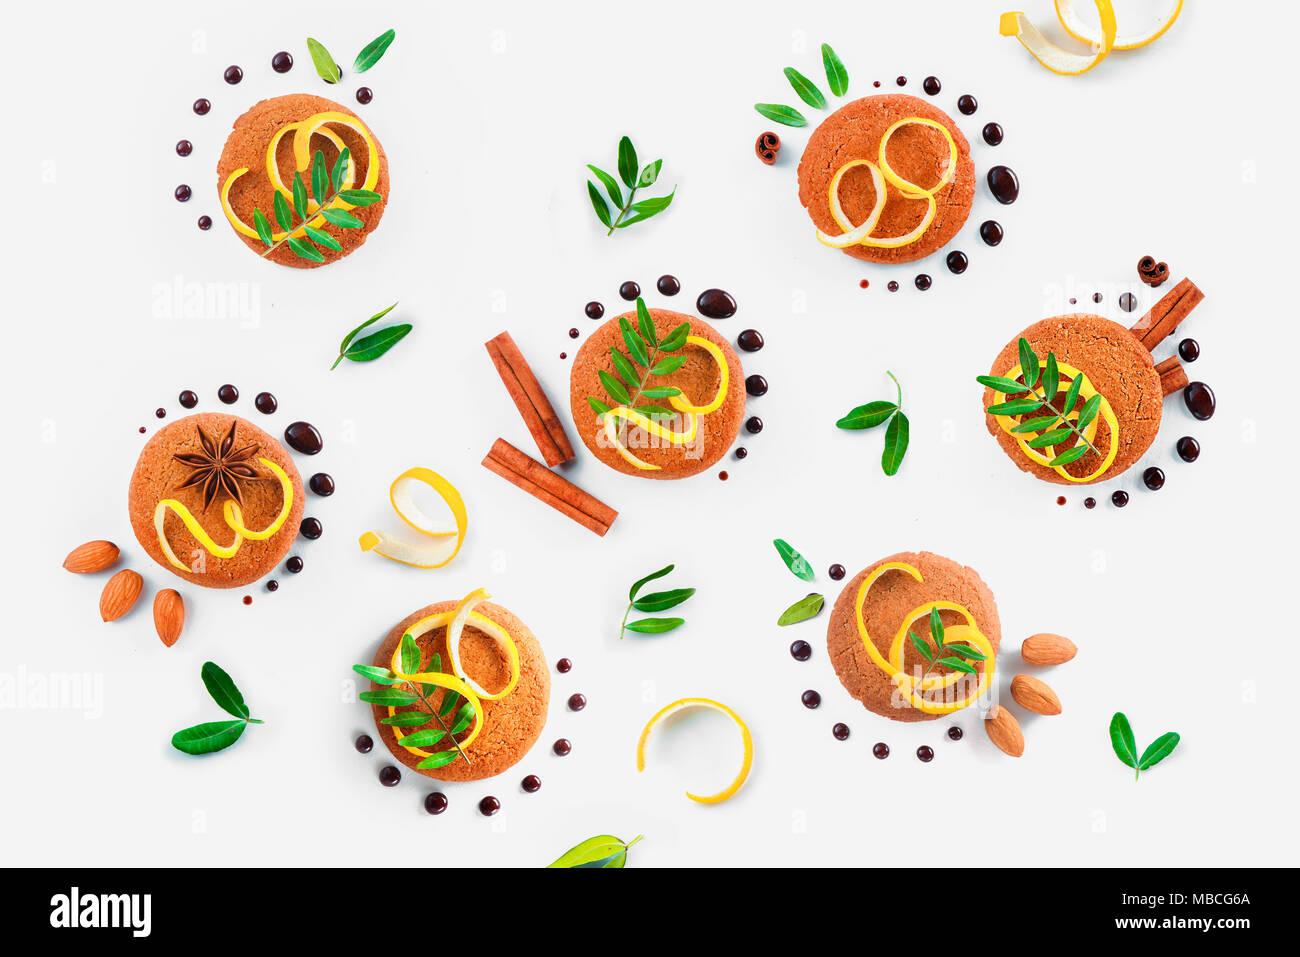 Conseils alimentaires fait modèle de cookies, chocolat swooshes et joints toriques, la cannelle, le zeste de citron et feuilles vertes. Concept de décoration de biscuits Photo Stock